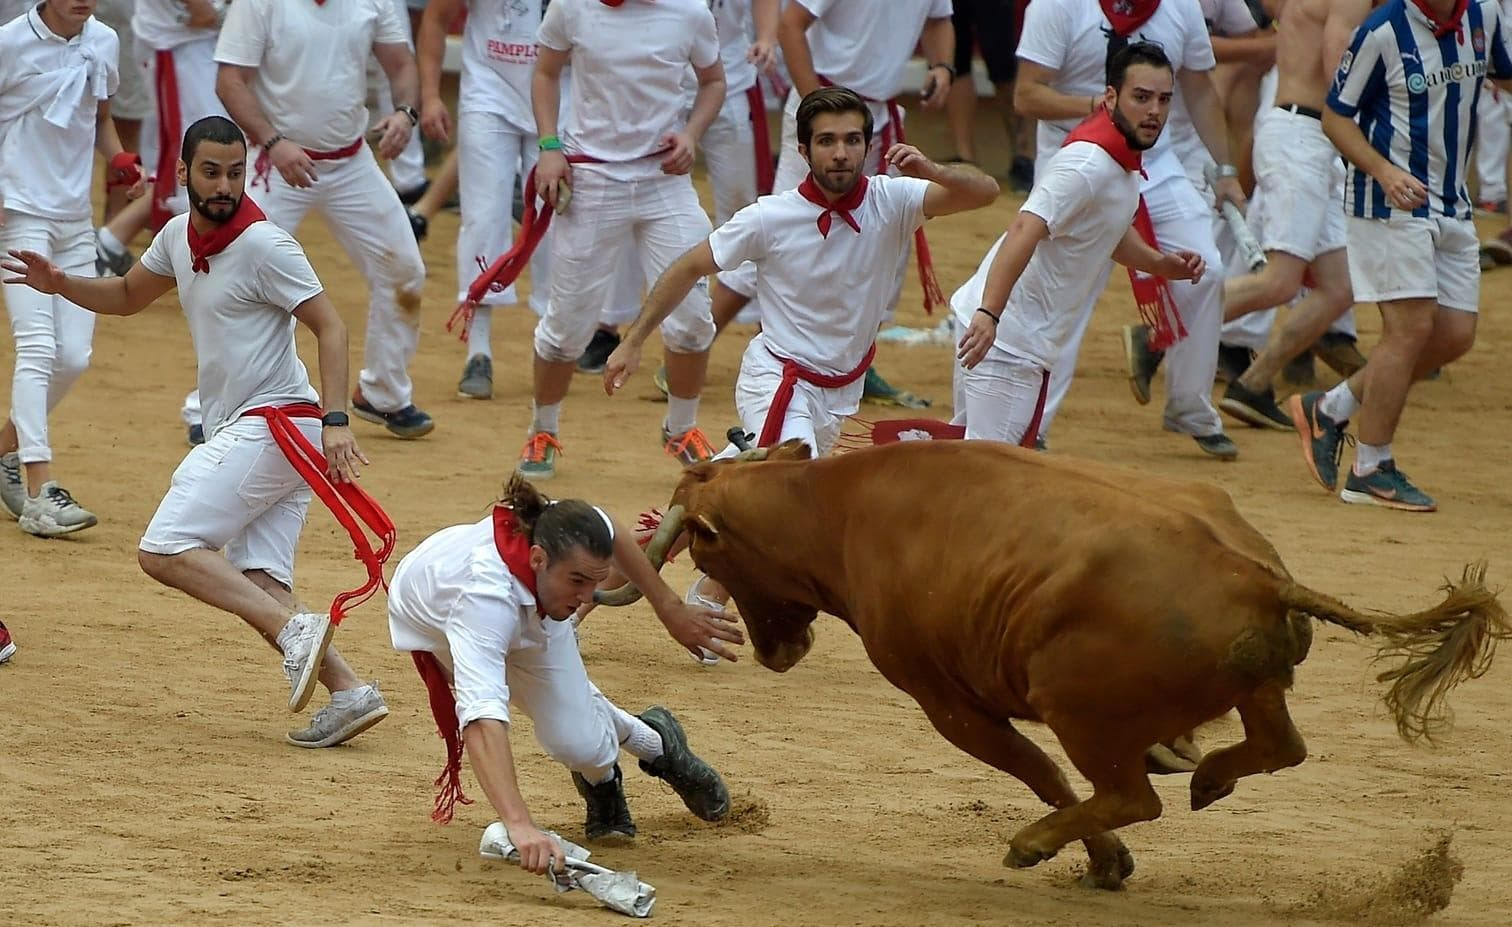 <p>In Pamplona heißt es wieder: &bdquo;Fiesta!&ldquo; Trotz zunehmender Kritik lockt die berühmte Stierhatz weiter Menschen aus aller Welt nach Nordspanien. Um mit den Kampfbullen durch die engen Gassen zu rennen